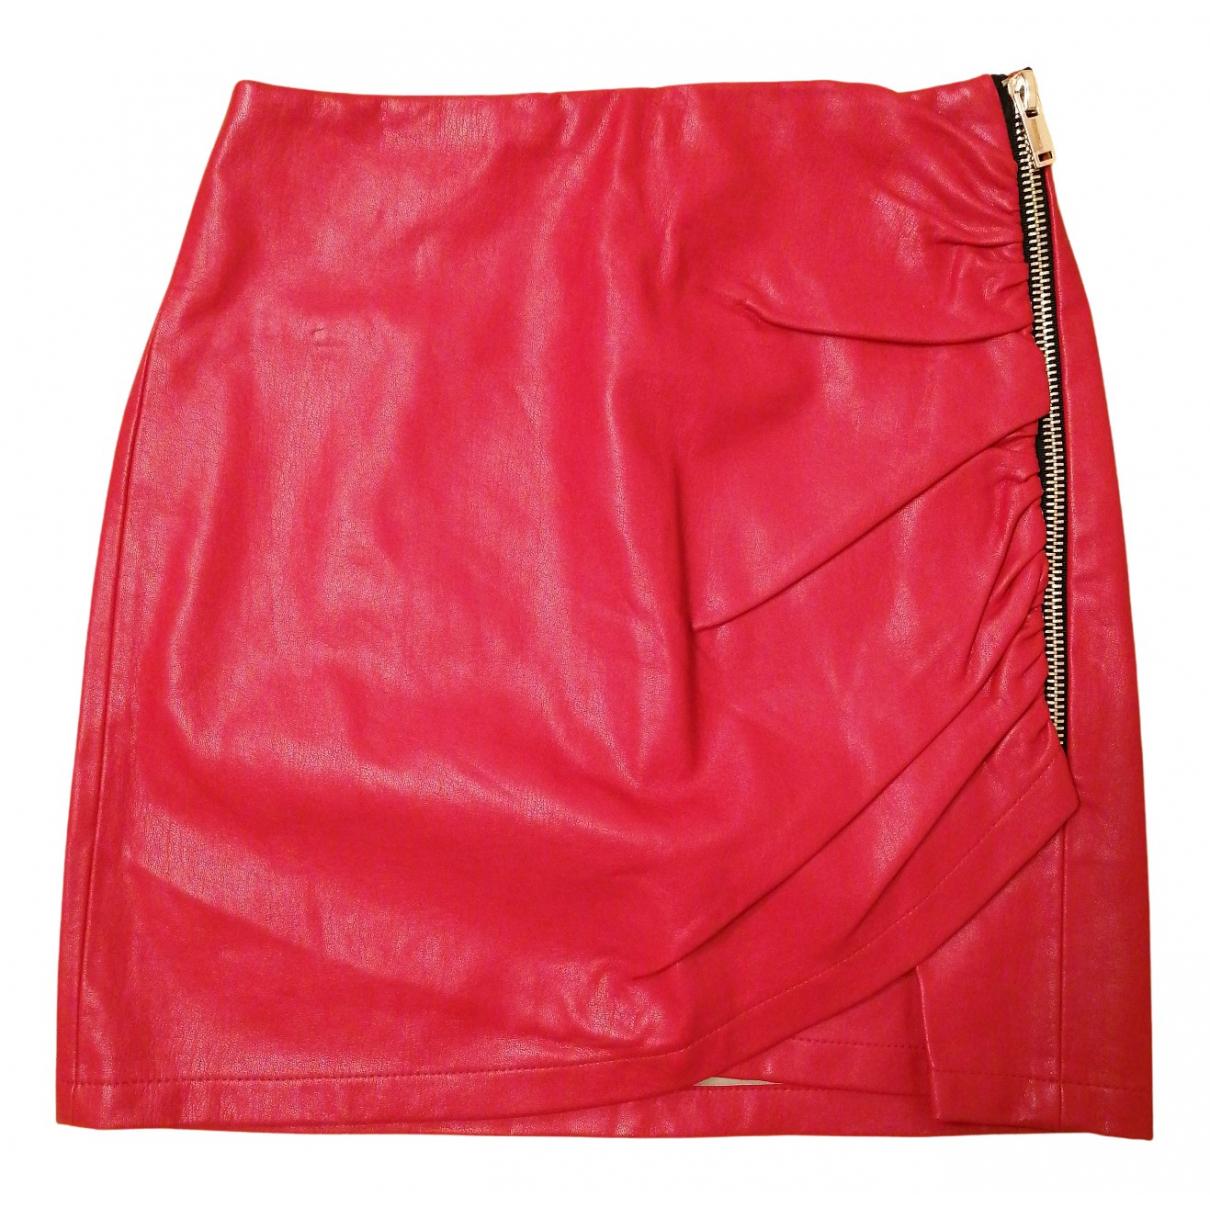 Zara - Jupe   pour femme en cuir - rouge